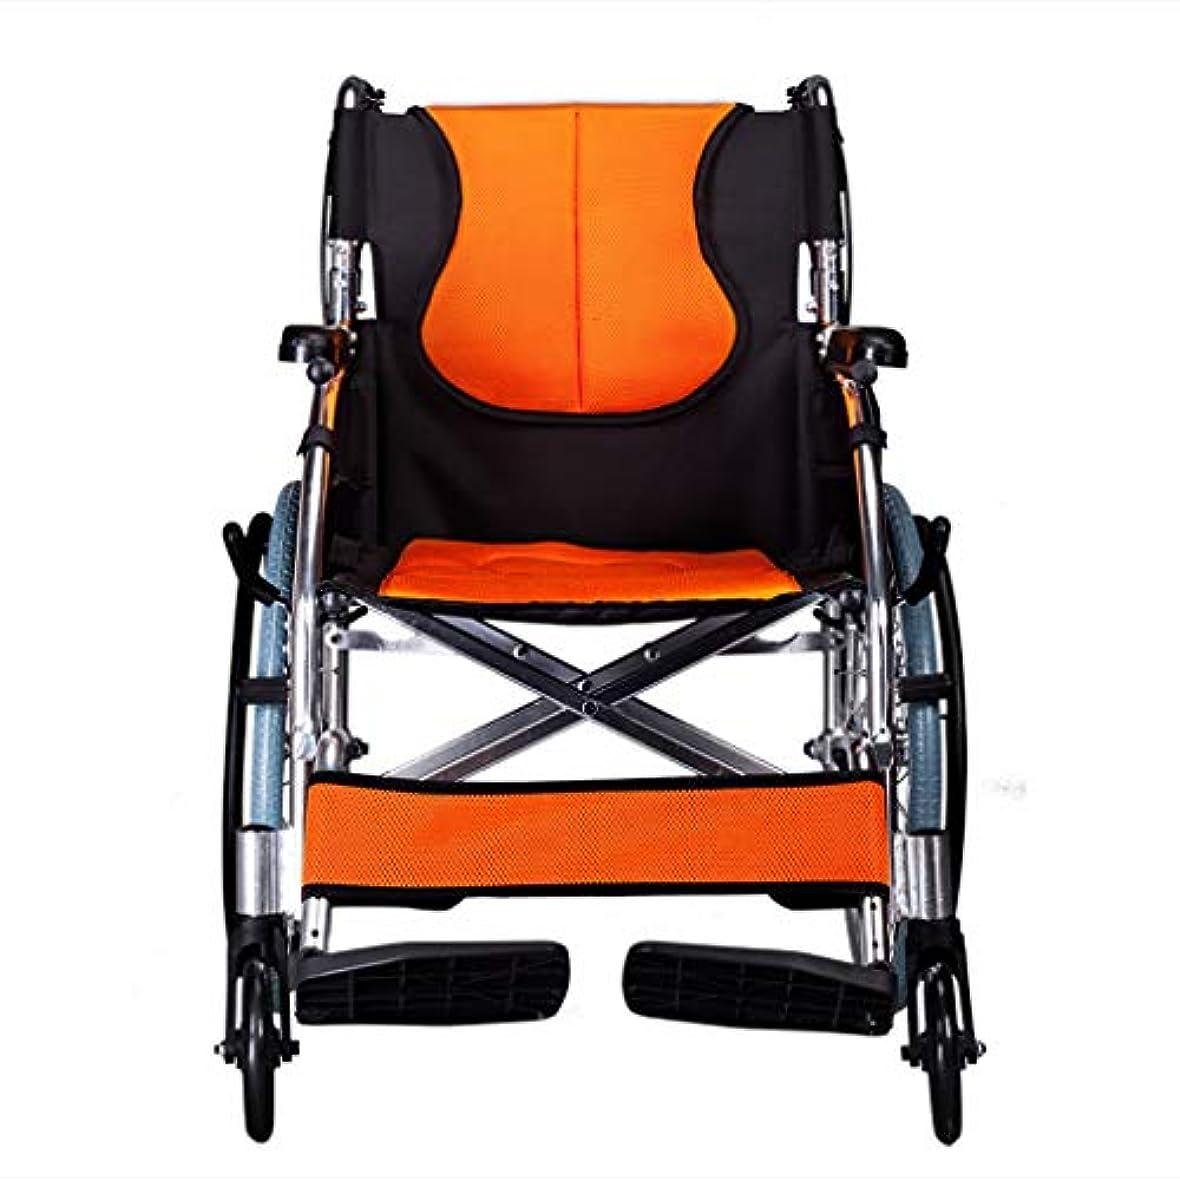 インフルエンザ分散車椅子で折り畳むことができる車椅子、バック収納バッグのデザイン、屋外旅行多機能ハンドプッシュ折りたたみ車椅子